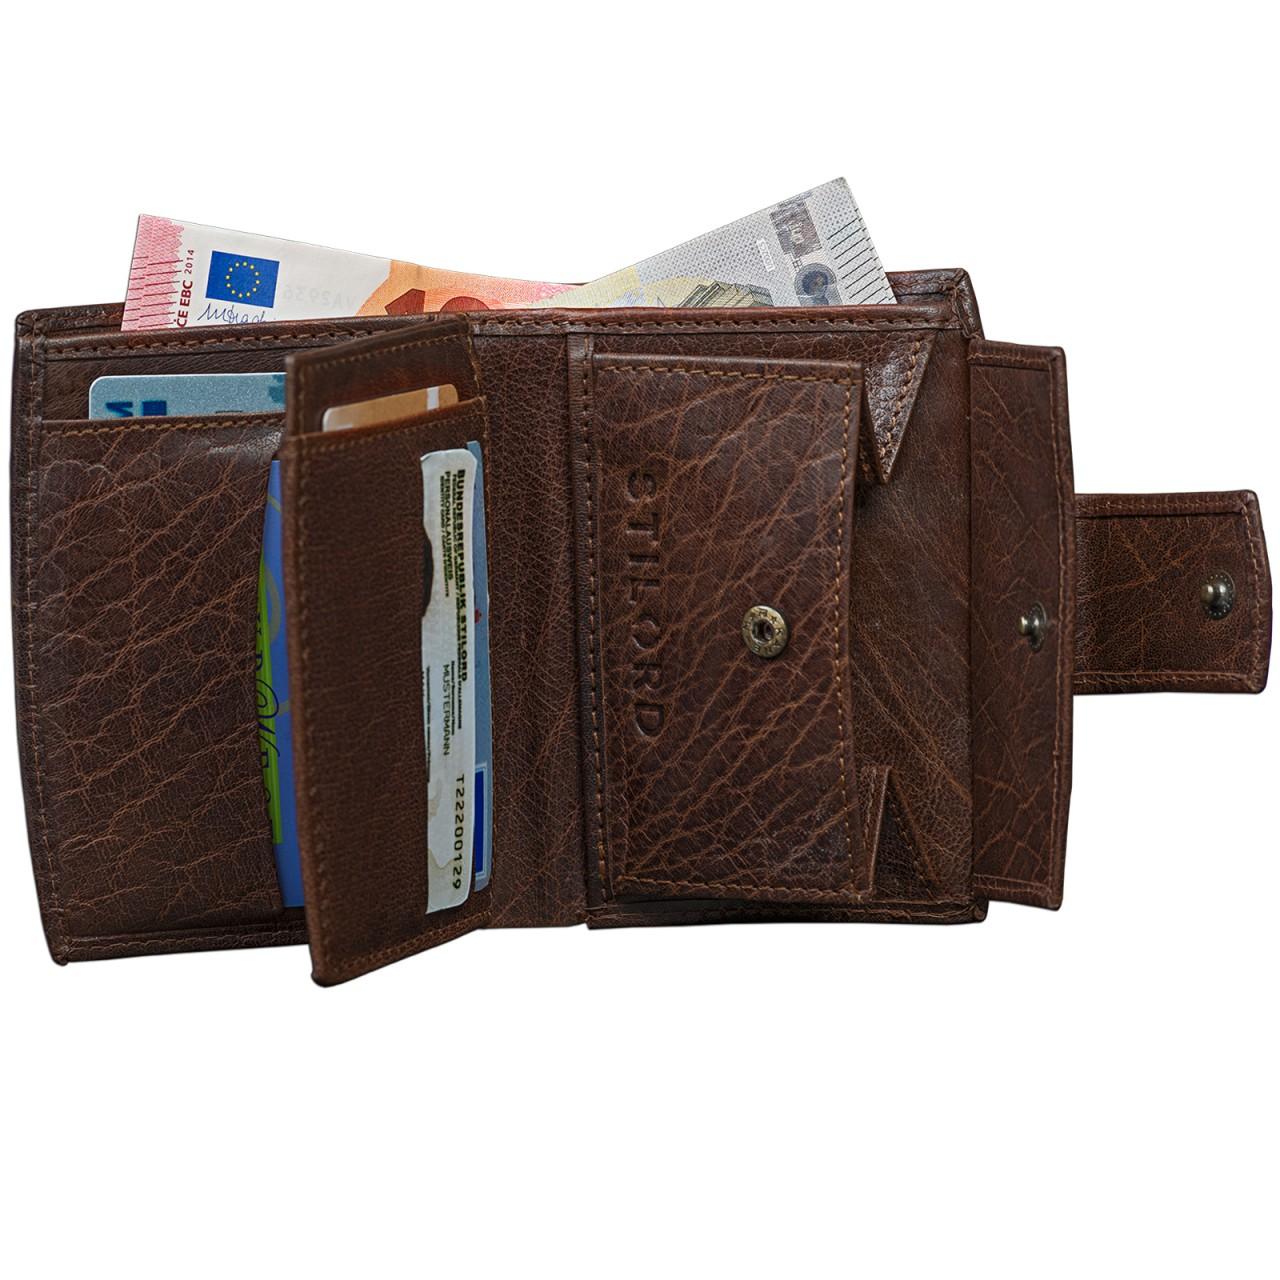 STILORD Vintage Leder Portemonnaie Damen Geldbörse Portmonee Brieftasche Geldbeutel EC-Fächer echtes Büffel-Leder dunkelbraun - Bild 6